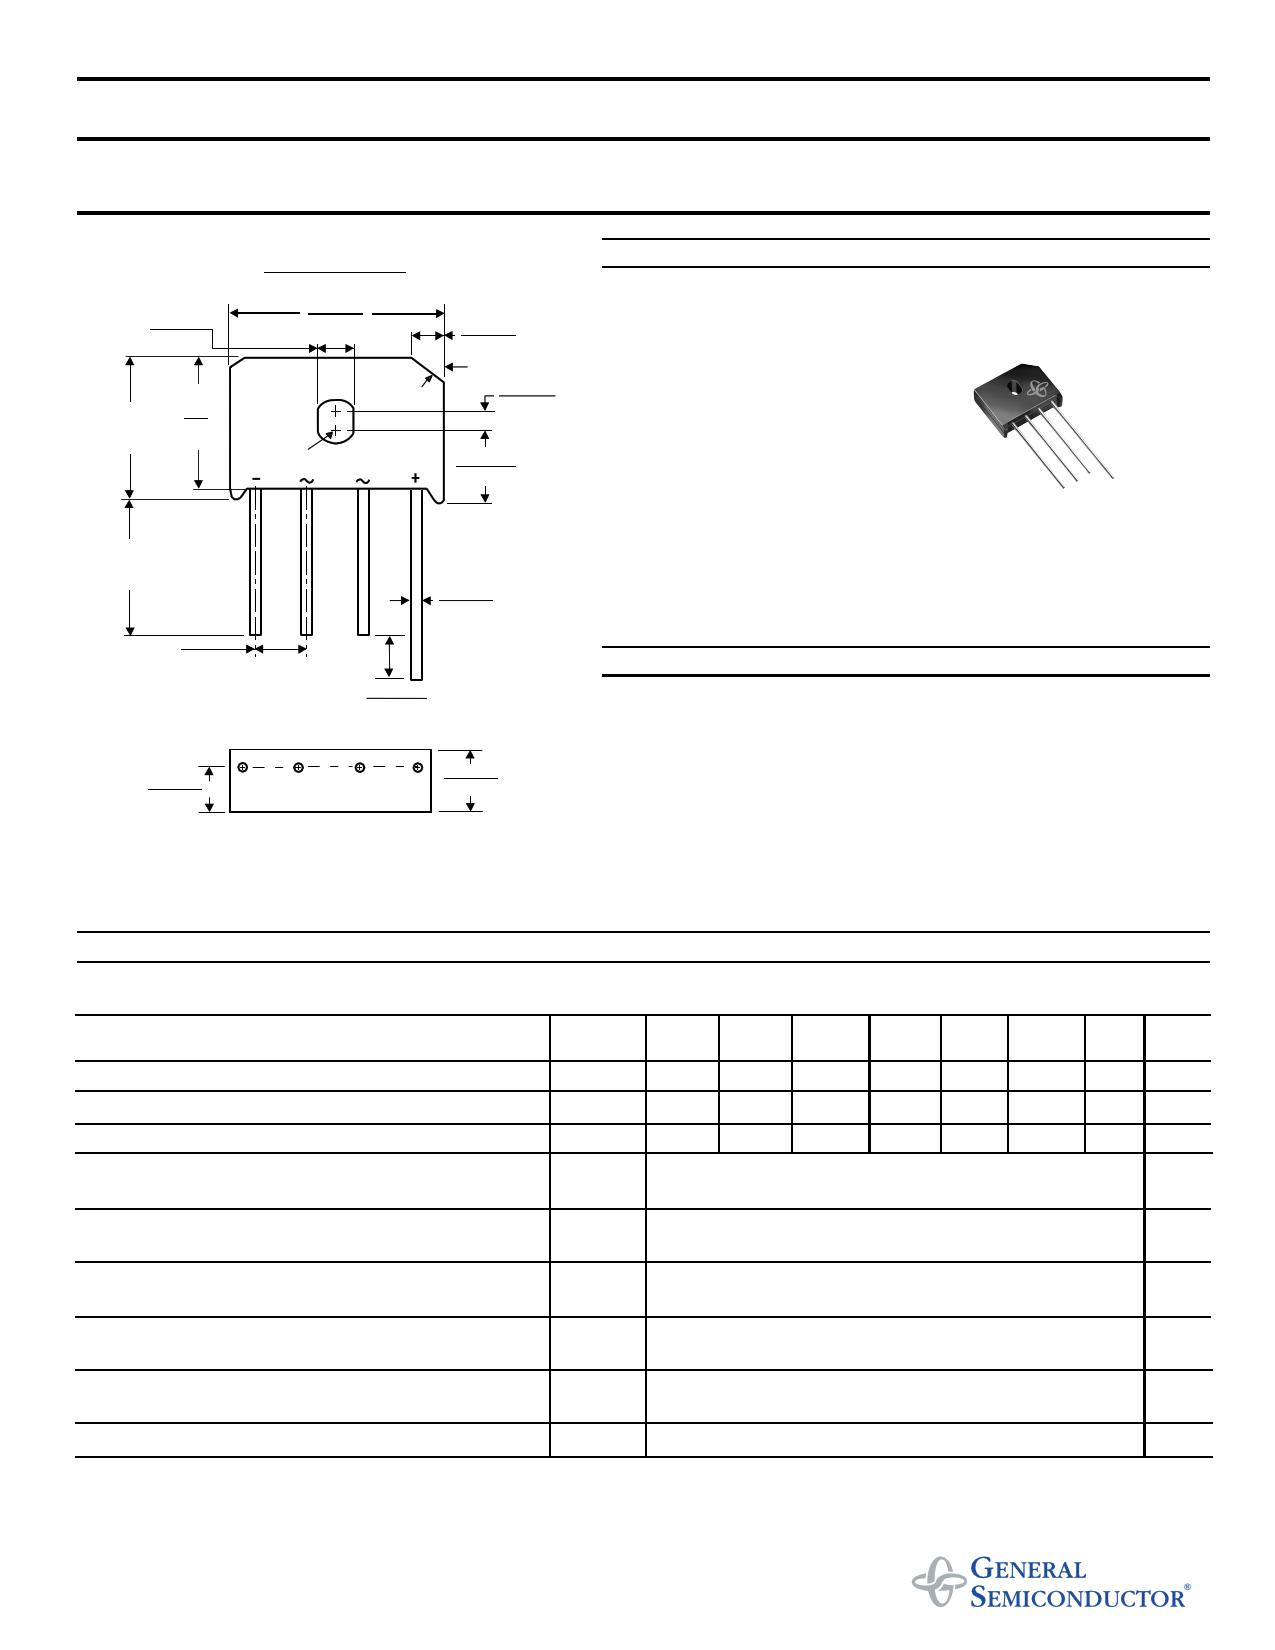 KBU4J datasheet